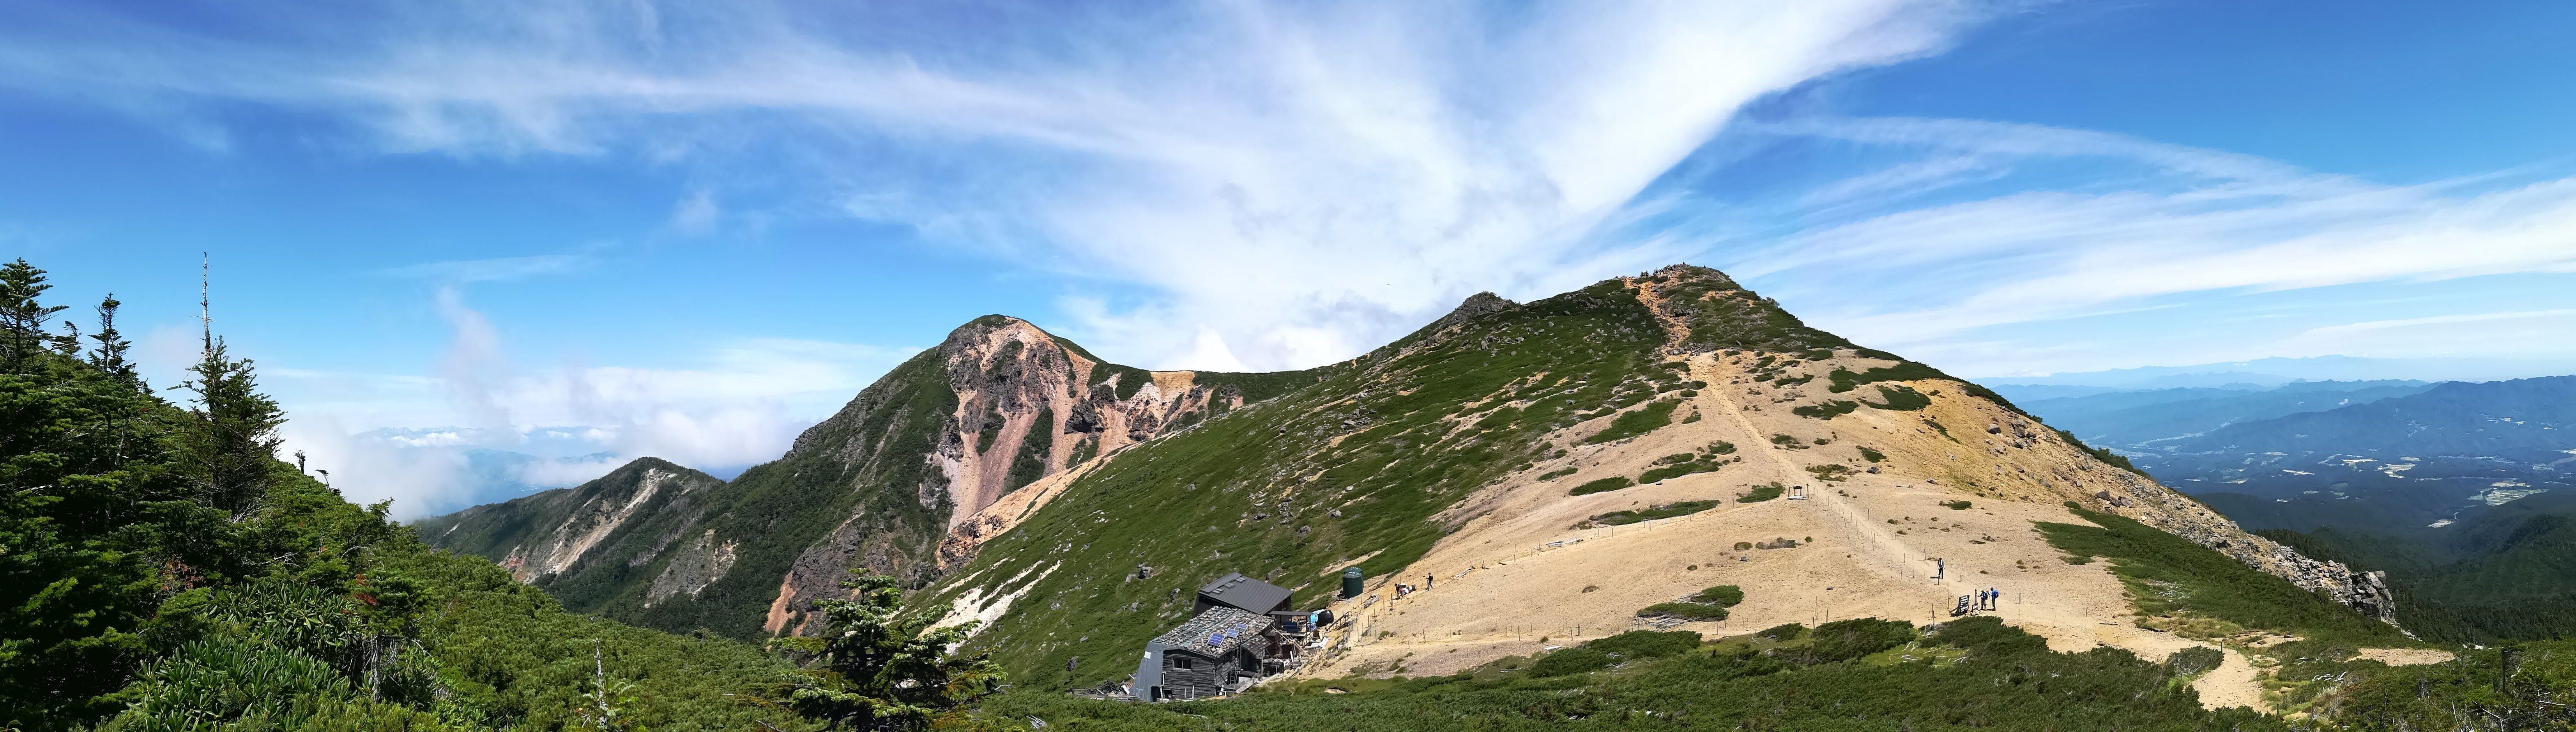 箕冠山からの根石岳と天狗岳3